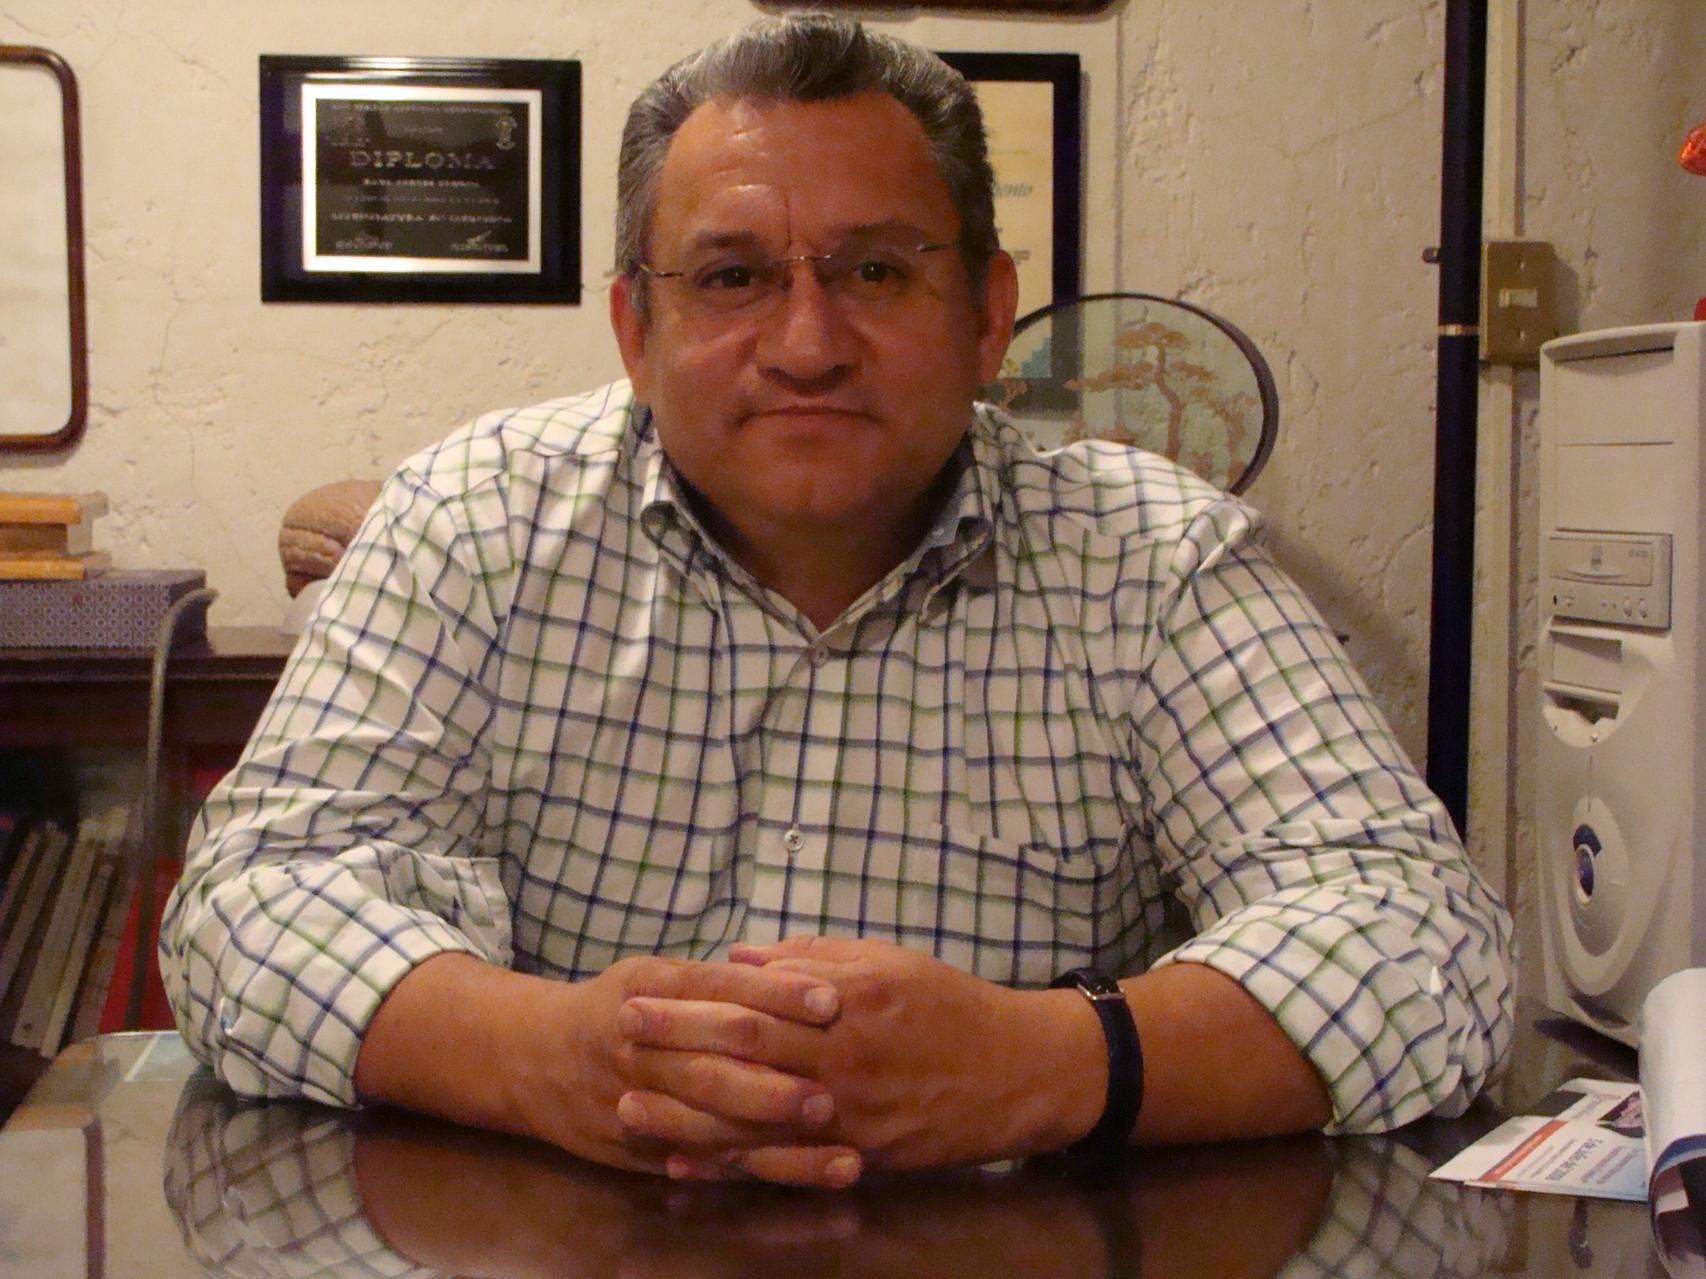 Raul Cortez, Neurophysiologist & Delphinspecialist, von unserem/from our Team